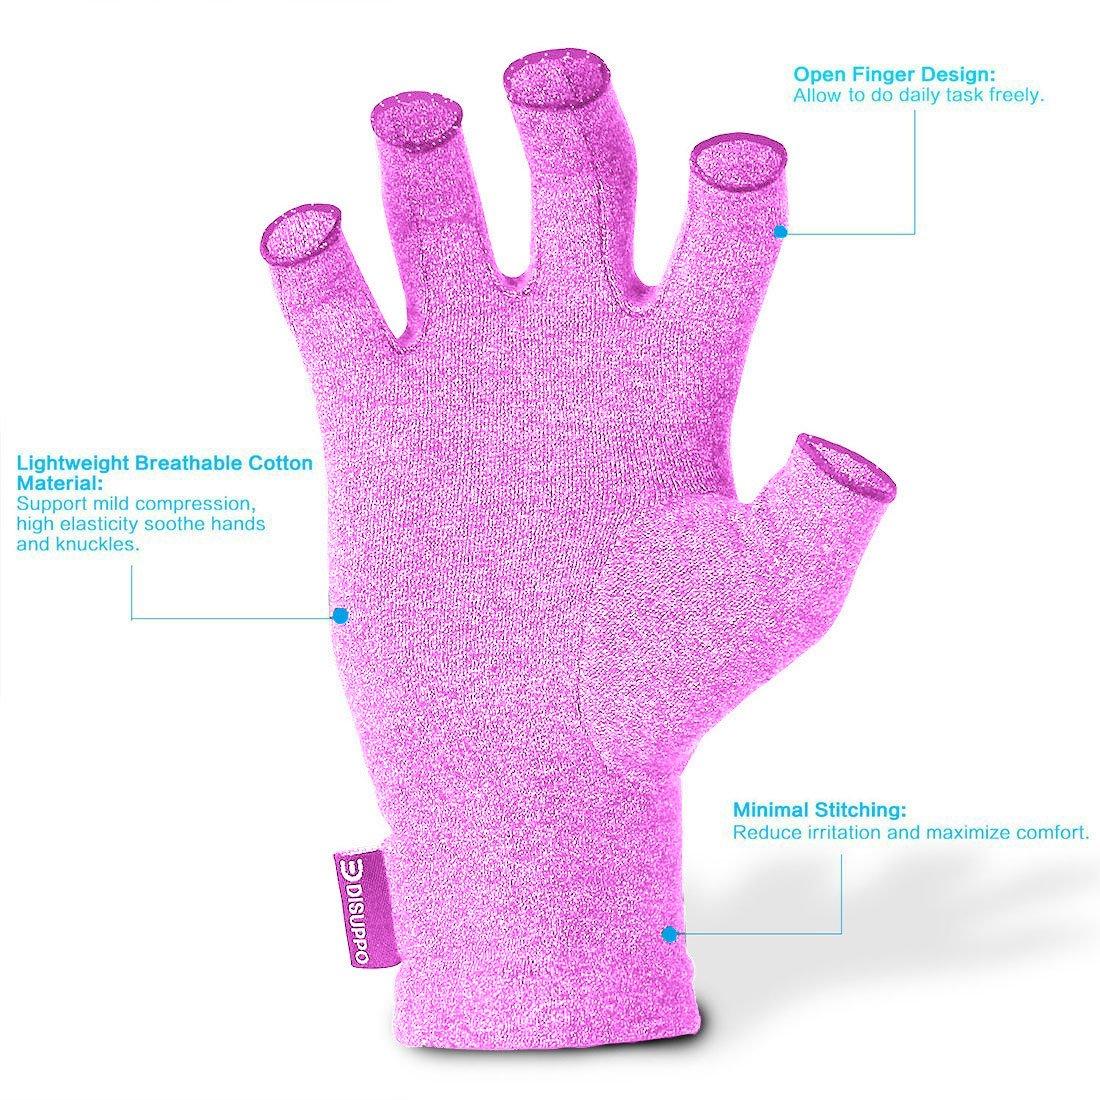 Gaming Tippen DISUPPO Arthritis Handschuhe Fingerlose Handschuhe f/ür M/änner und Frauen Rheumatische Arthritis Kompressionshandschuhe f/ür Schmerzlinderung Paar